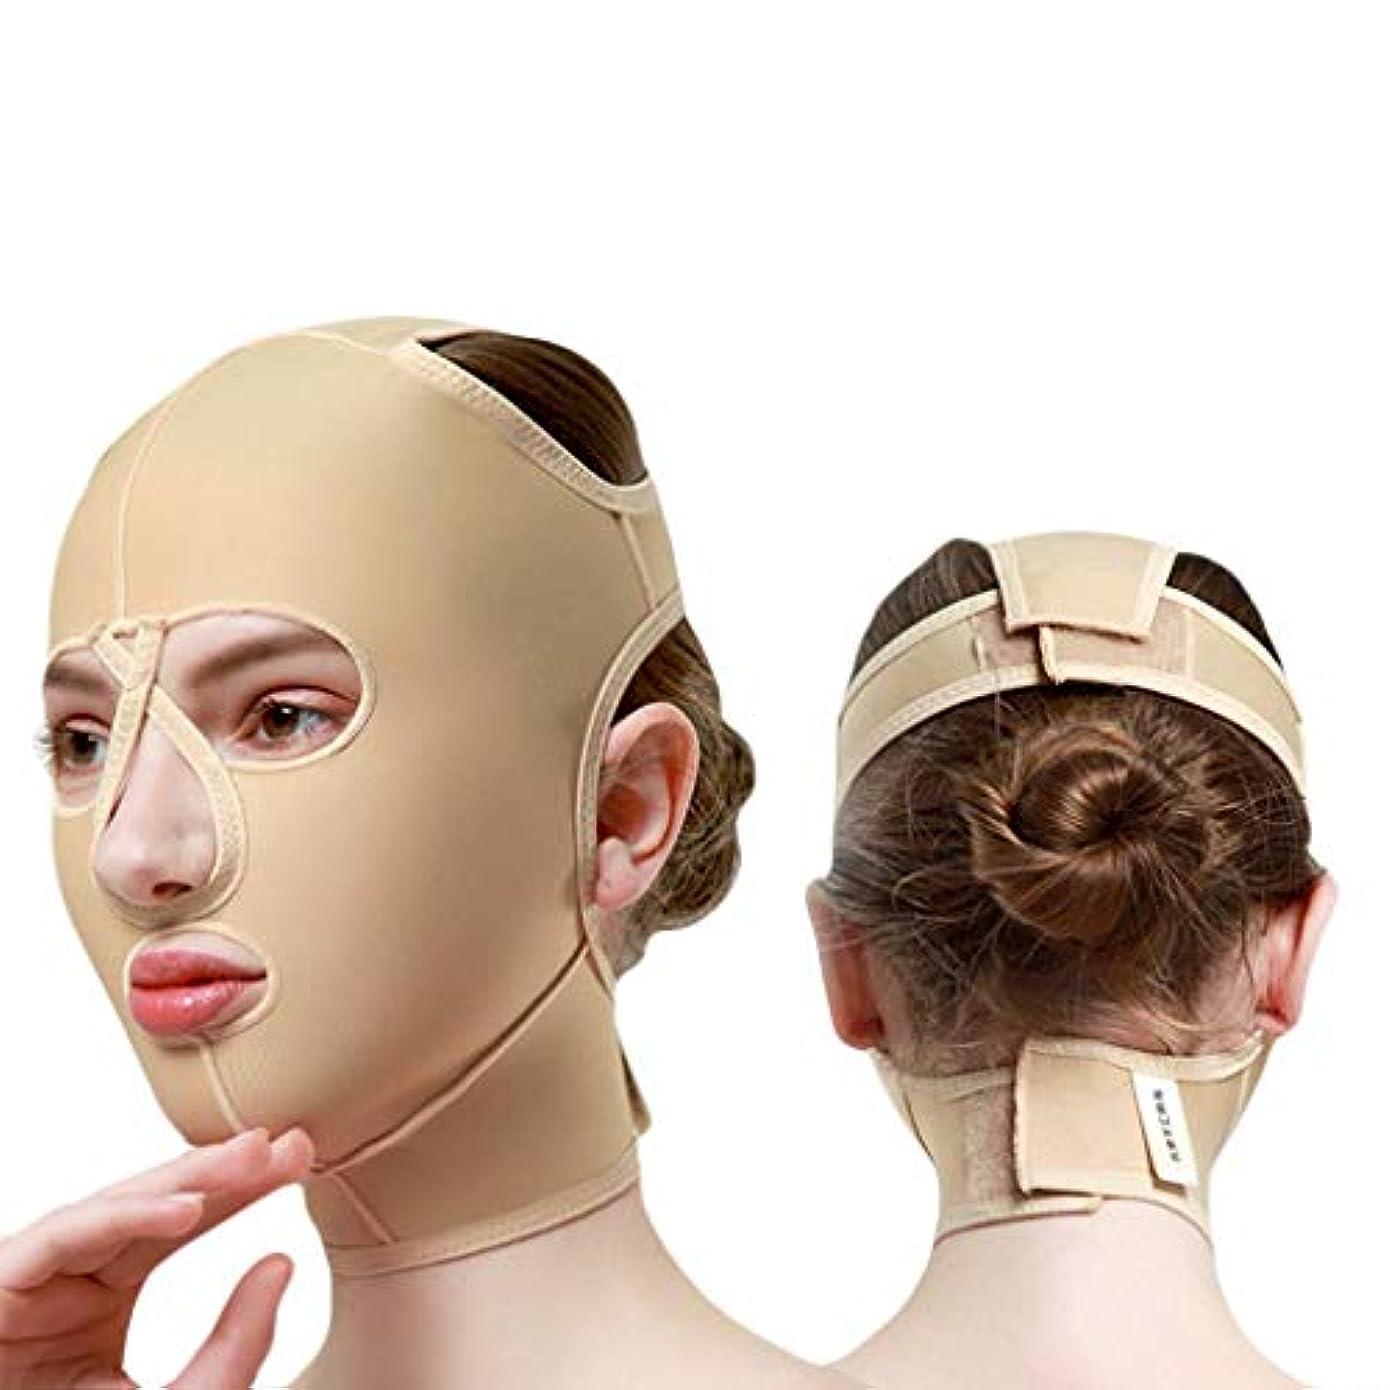 廃棄数学者コメンテーターチンストラップ、顔彫りツール、リフティングマスク、ダブルチンリデューサー、フェイスリフティングエラスティックマスクメス(サイズ:M),M